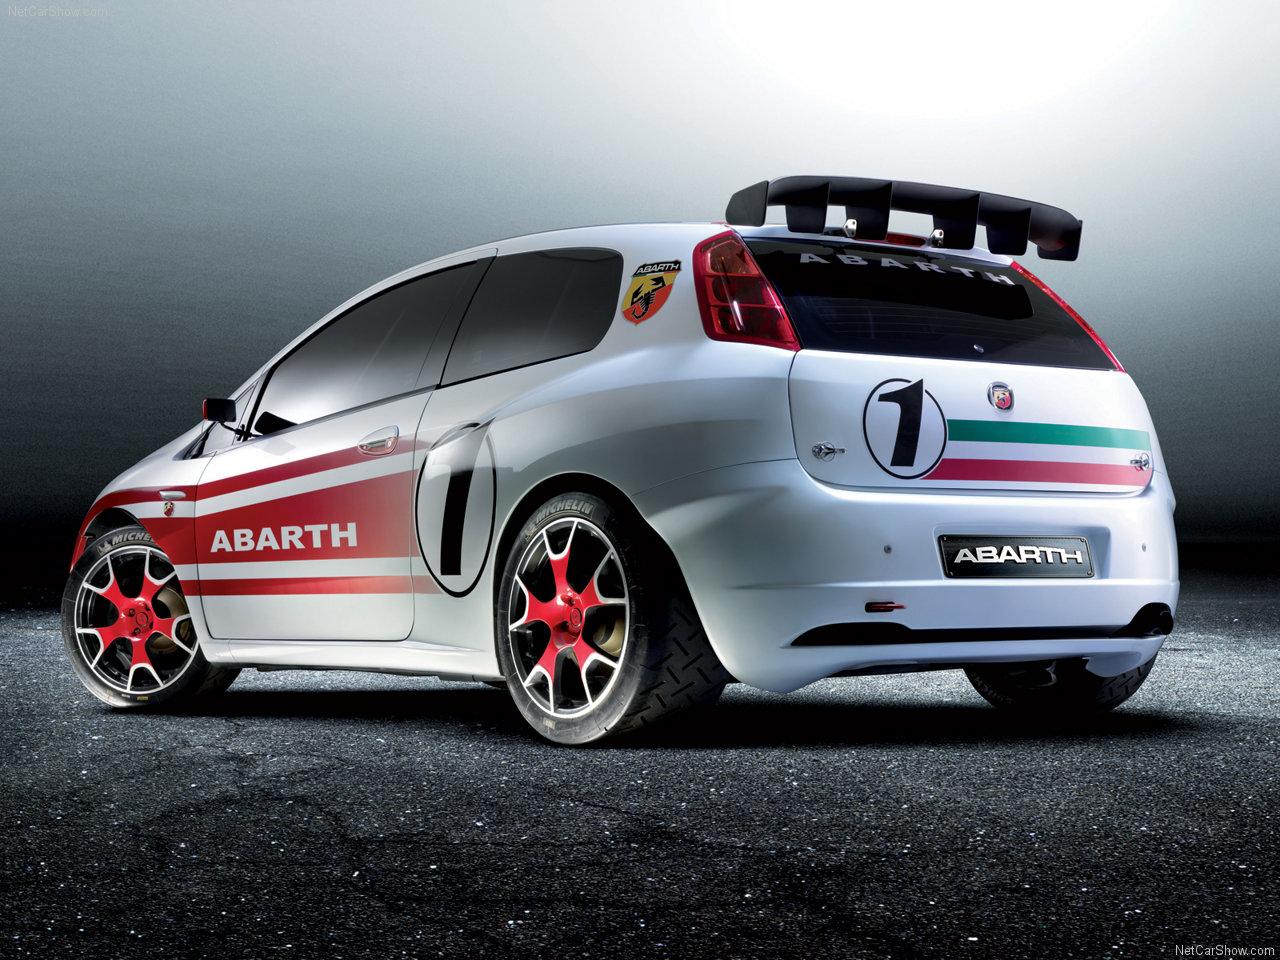 Fiat Grande Punto Abarth S X Wallpaper